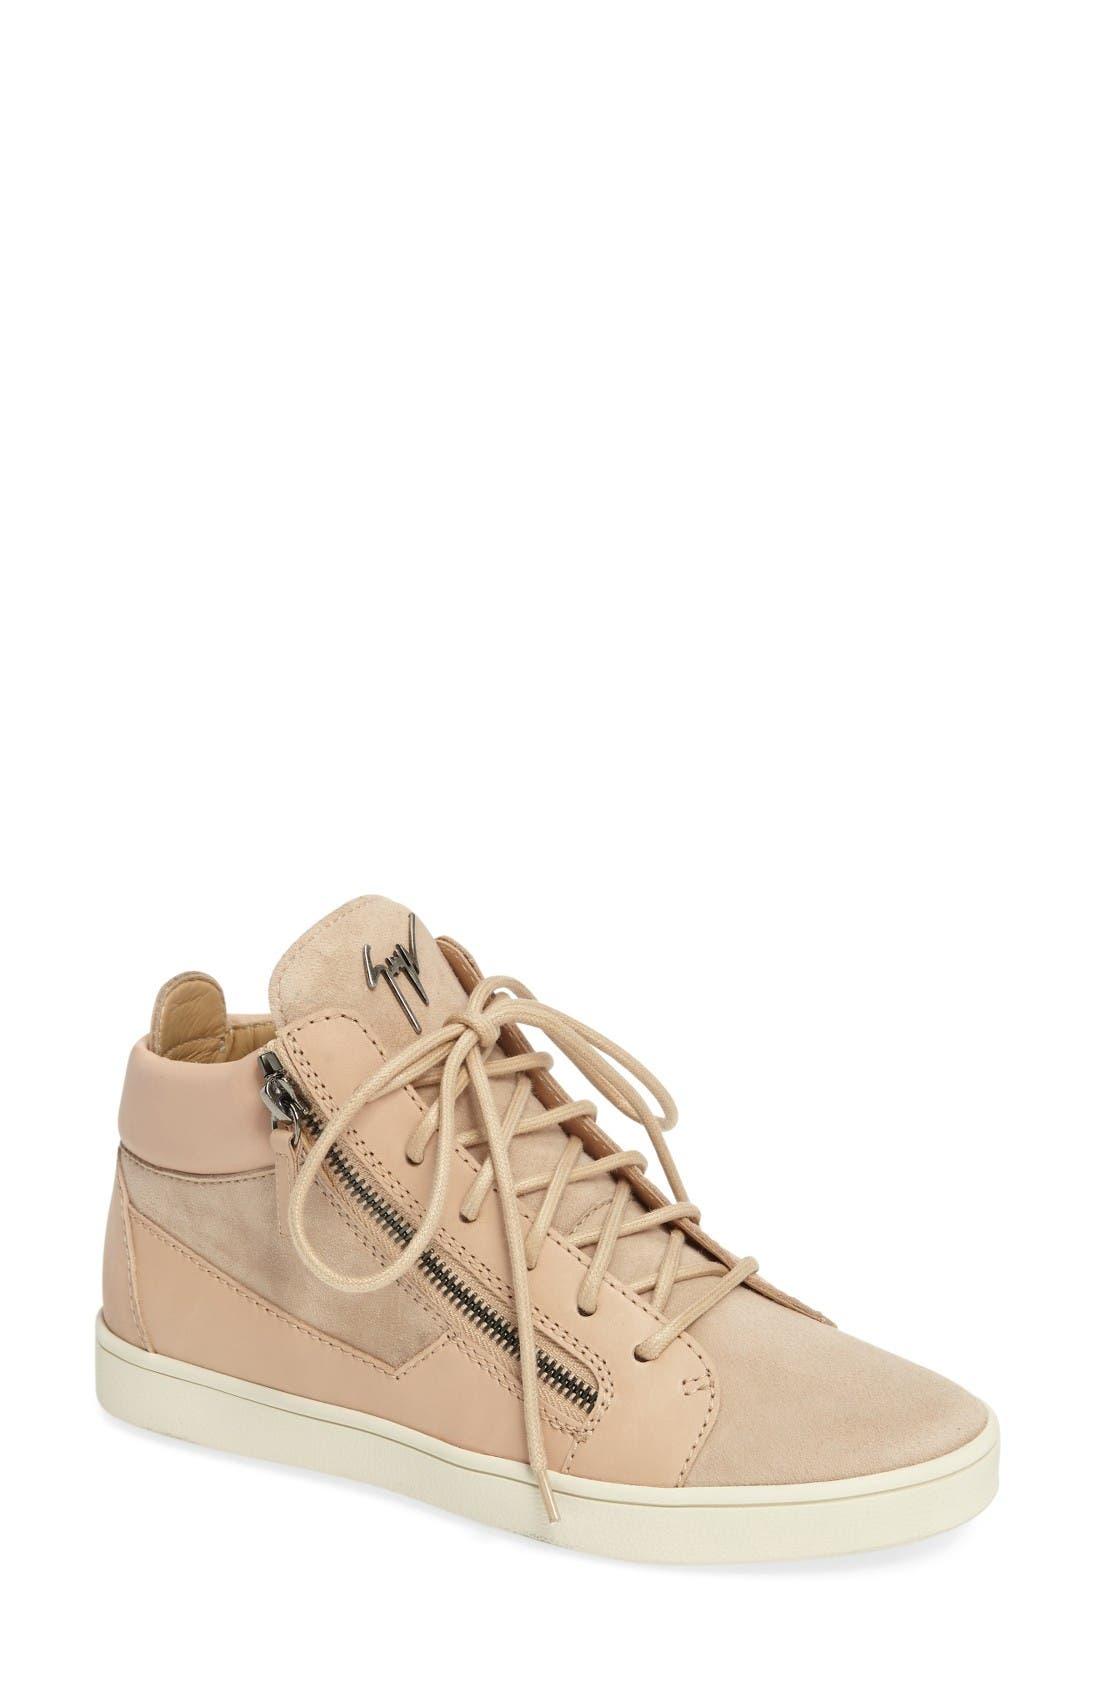 Alternate Image 1 Selected - Giuseppe Zanotti High Top Sneaker (Women)